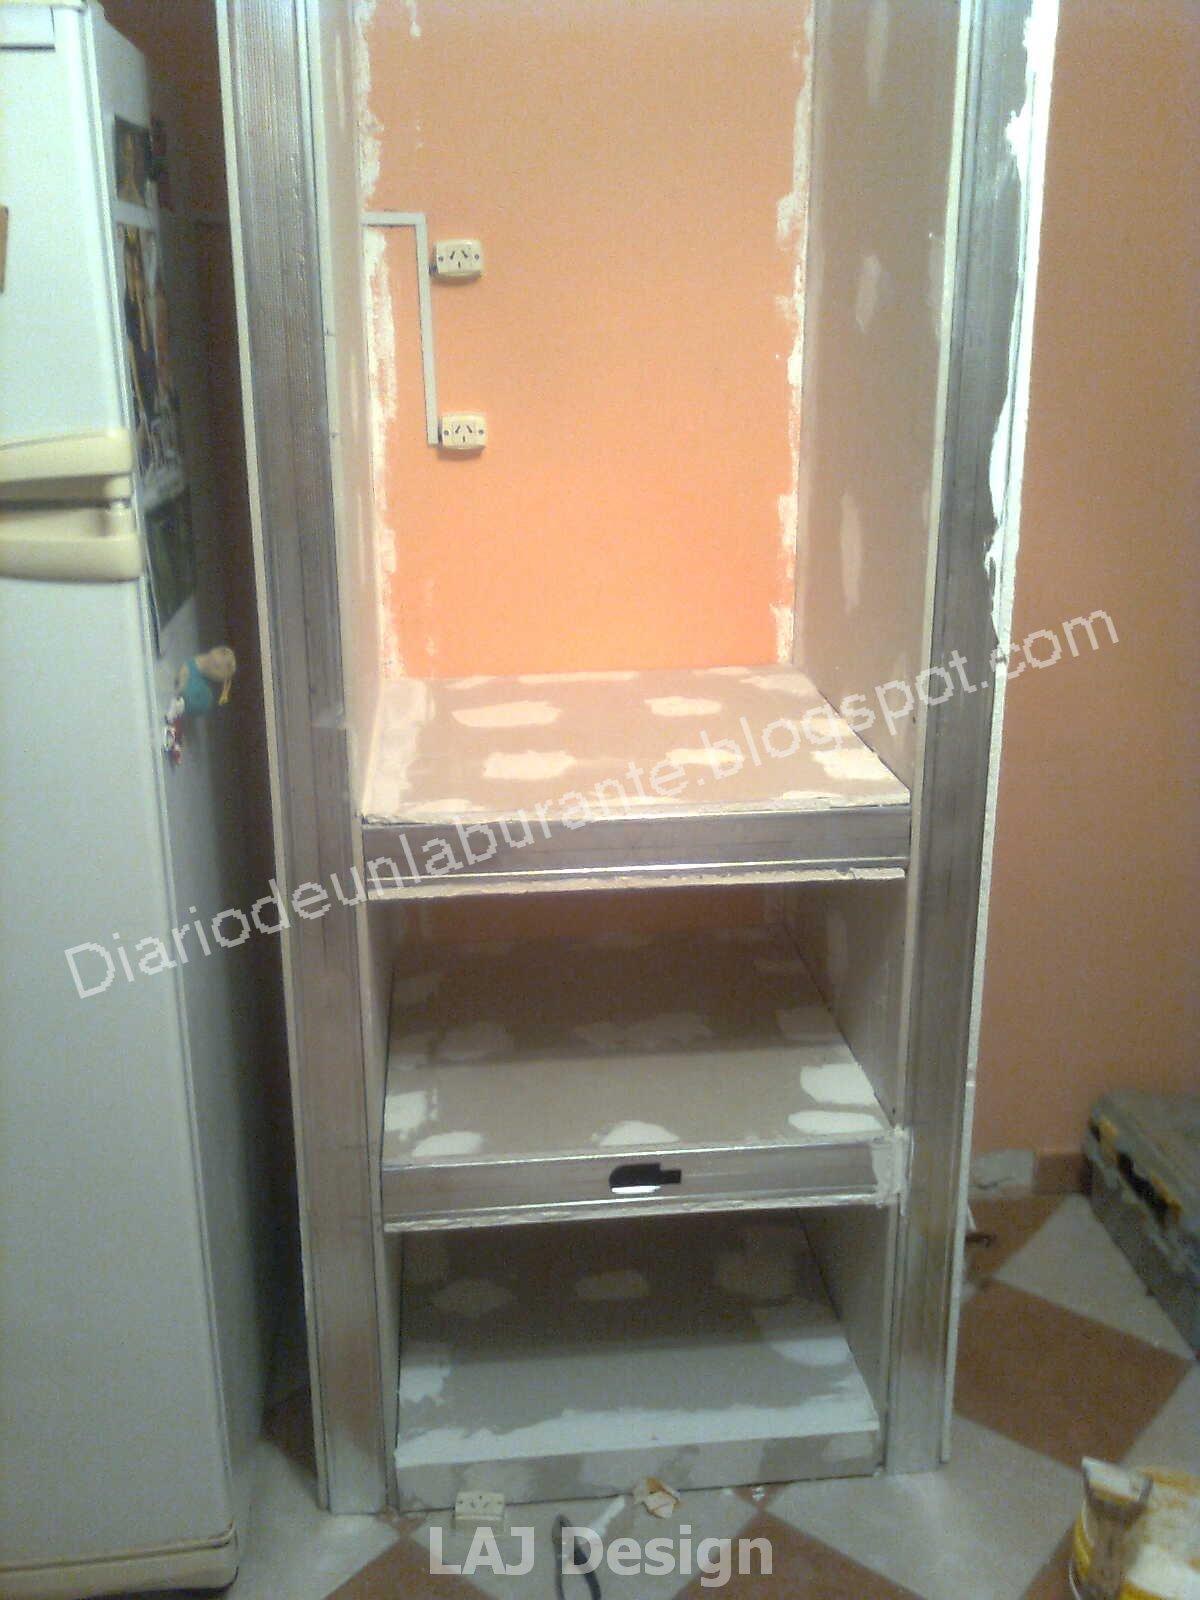 Diario de un laburante mueble durlock en la cocina parte 1 - Estante para microondas ...